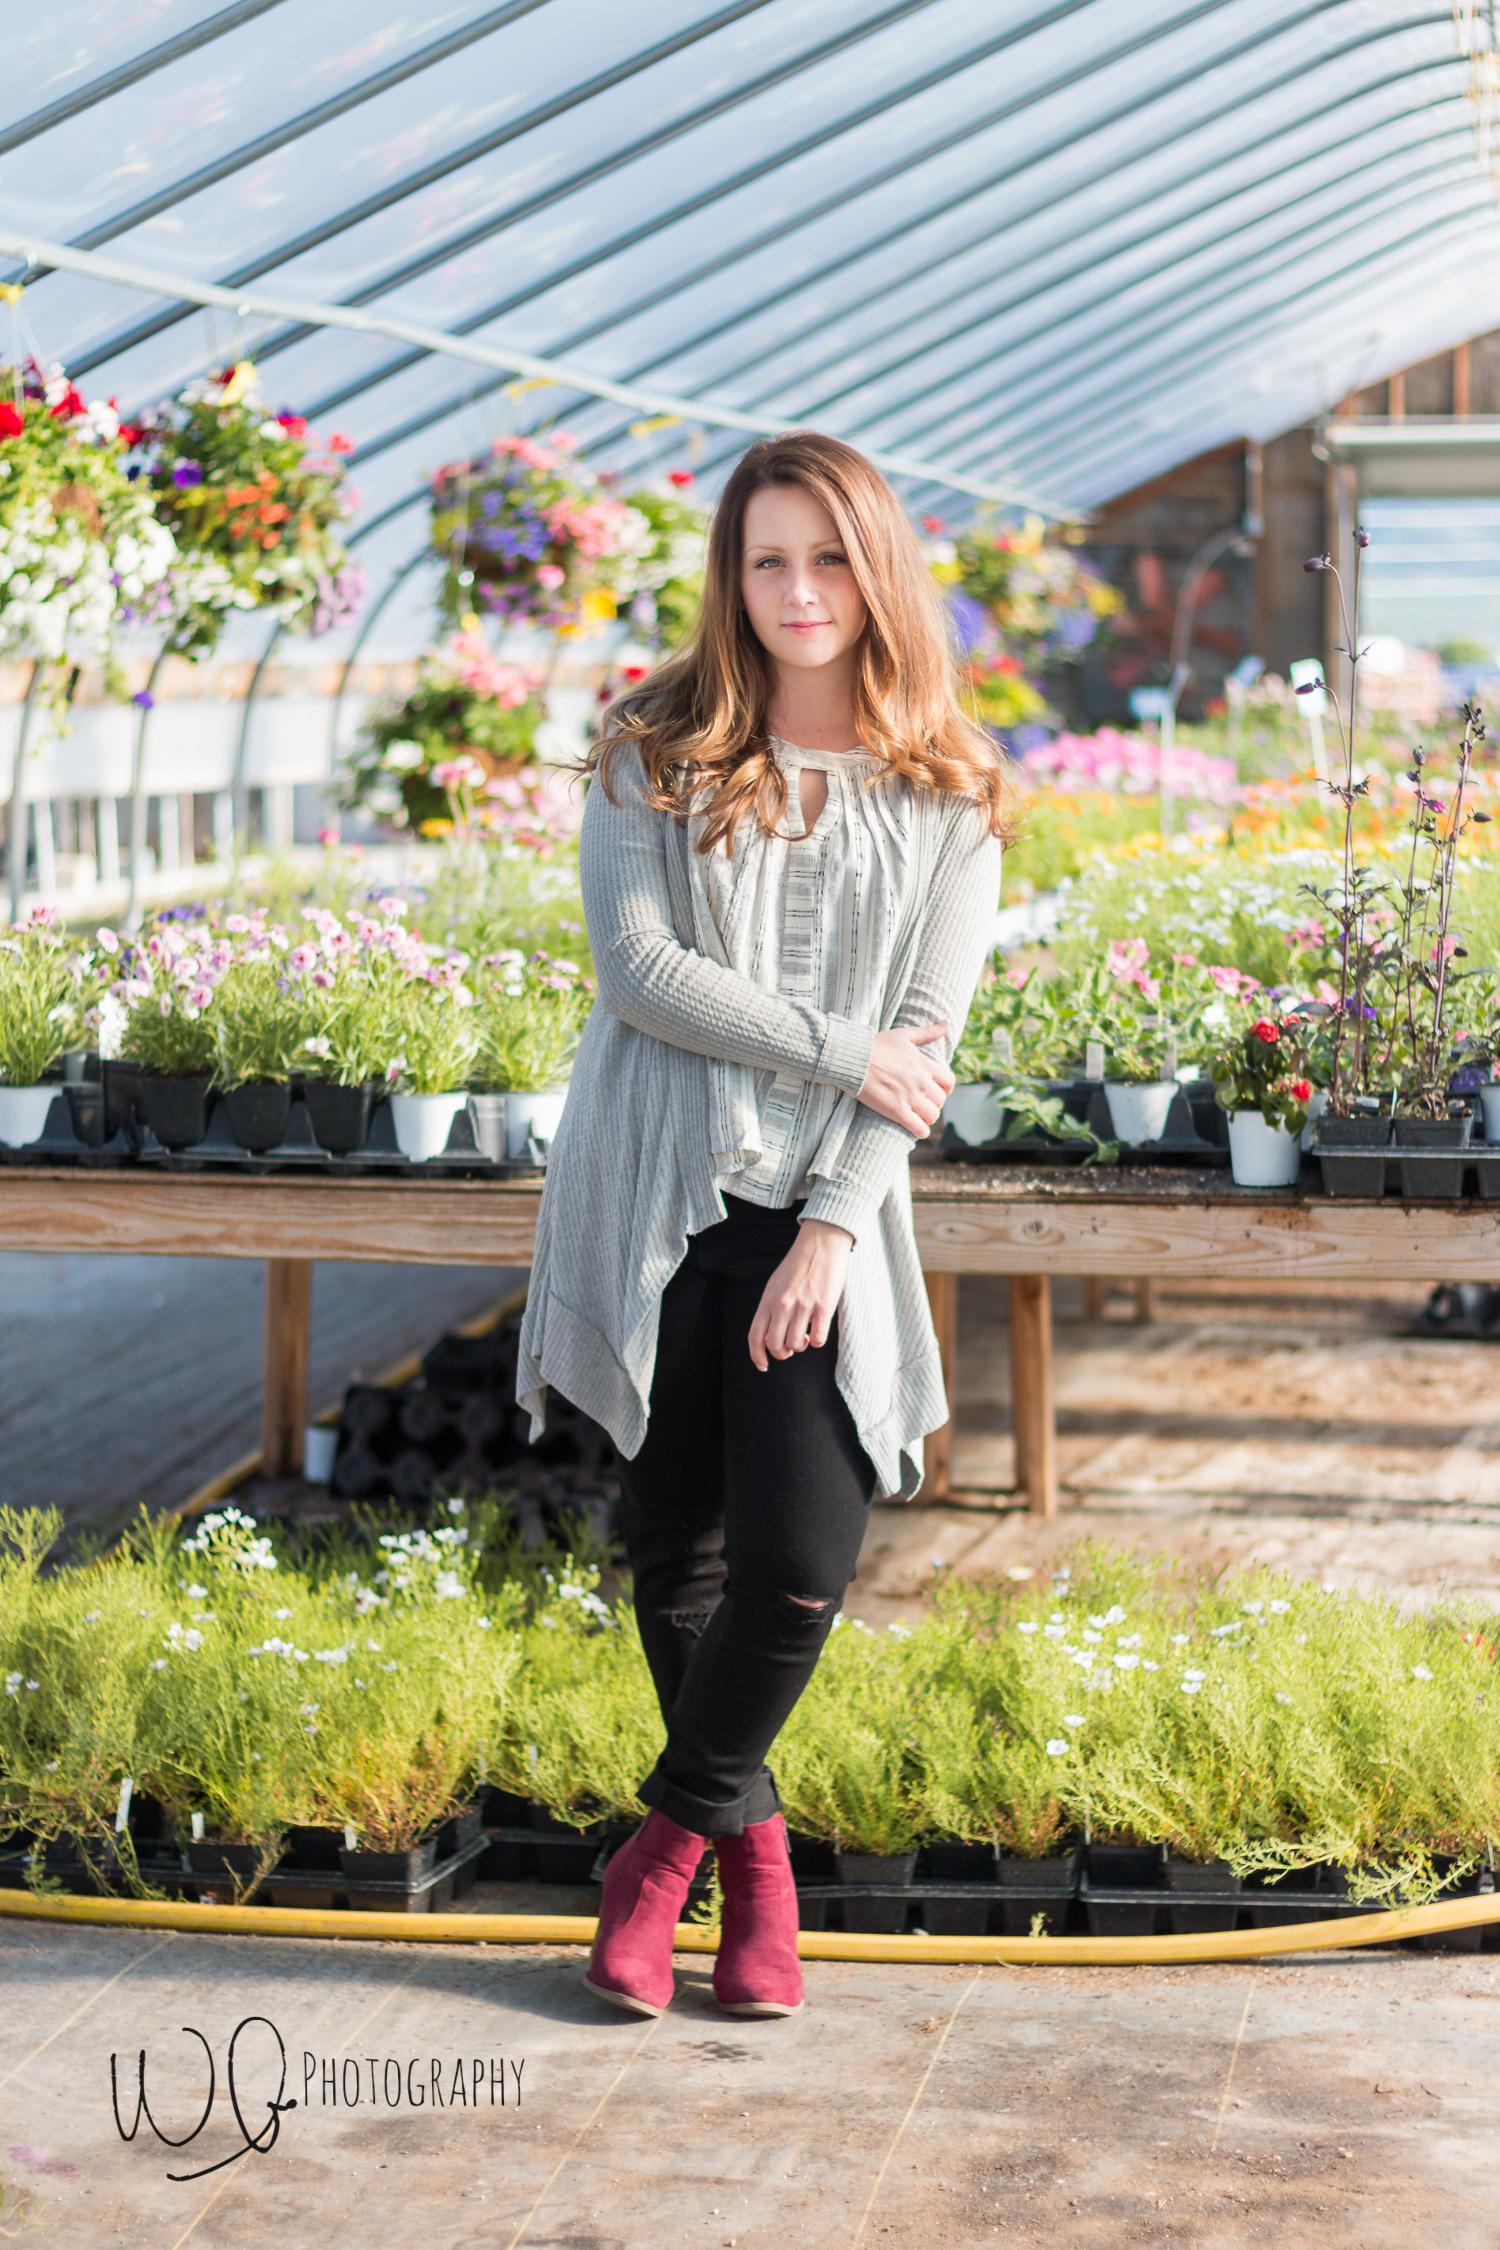 greenhouse senior pictures in Utah